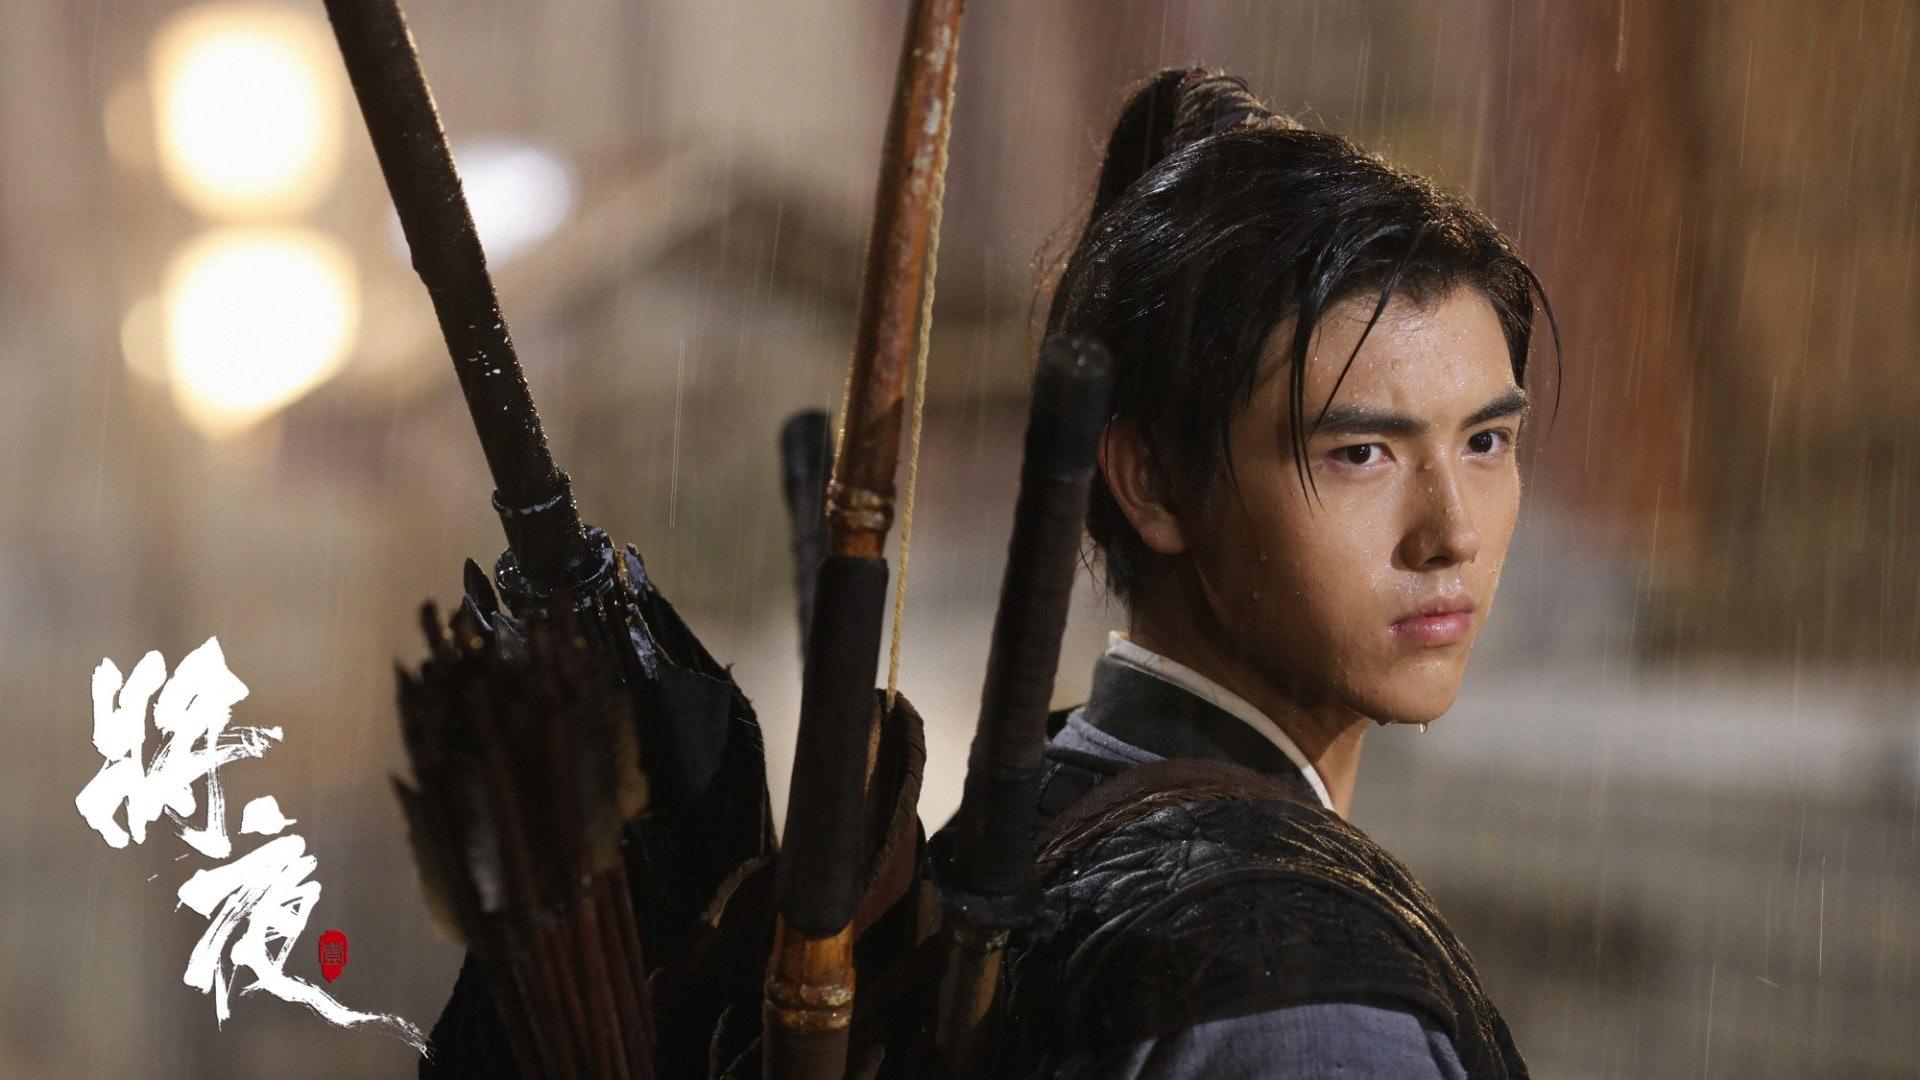 內地導演陳凱歌同演員陳紅的兒子陳飛宇首次在電視劇中擔正,今年18歲的他身高188cm,雖然經驗尚淺,但由觀眾的反應來看,大部分網友都對他讚賞有加。(微博圖片)